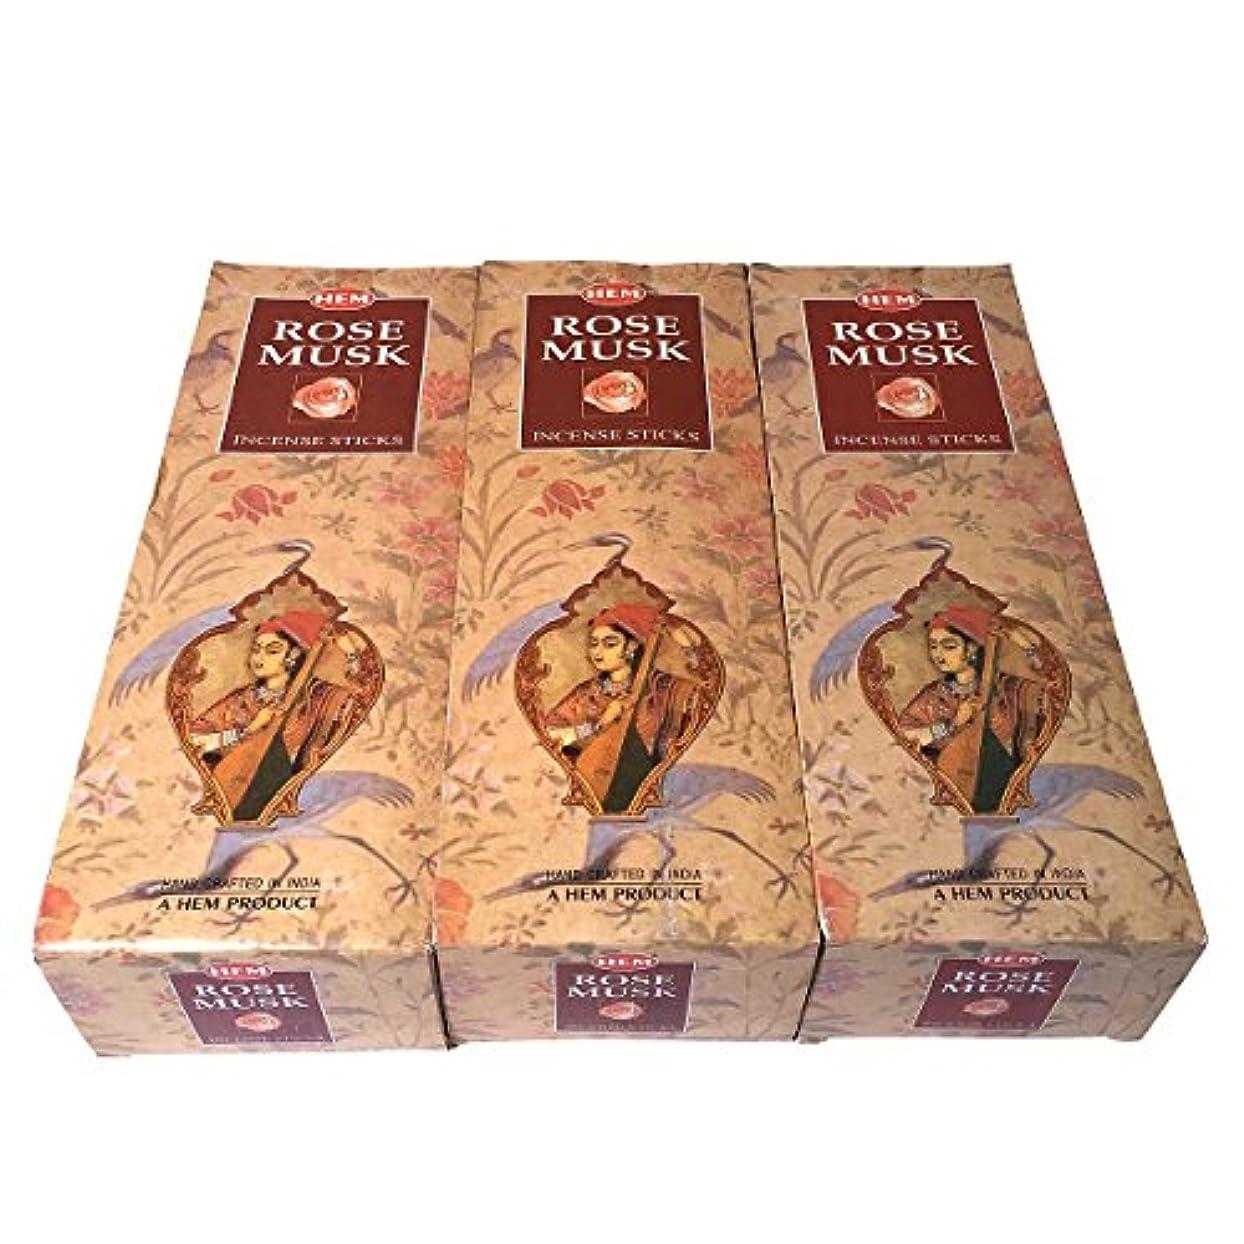 パースぺディカブ私たち自身ローズムスク香スティック 3BOX(18箱) /HEM ROSE MUSK/インセンス/インド香 お香 [並行輸入品]